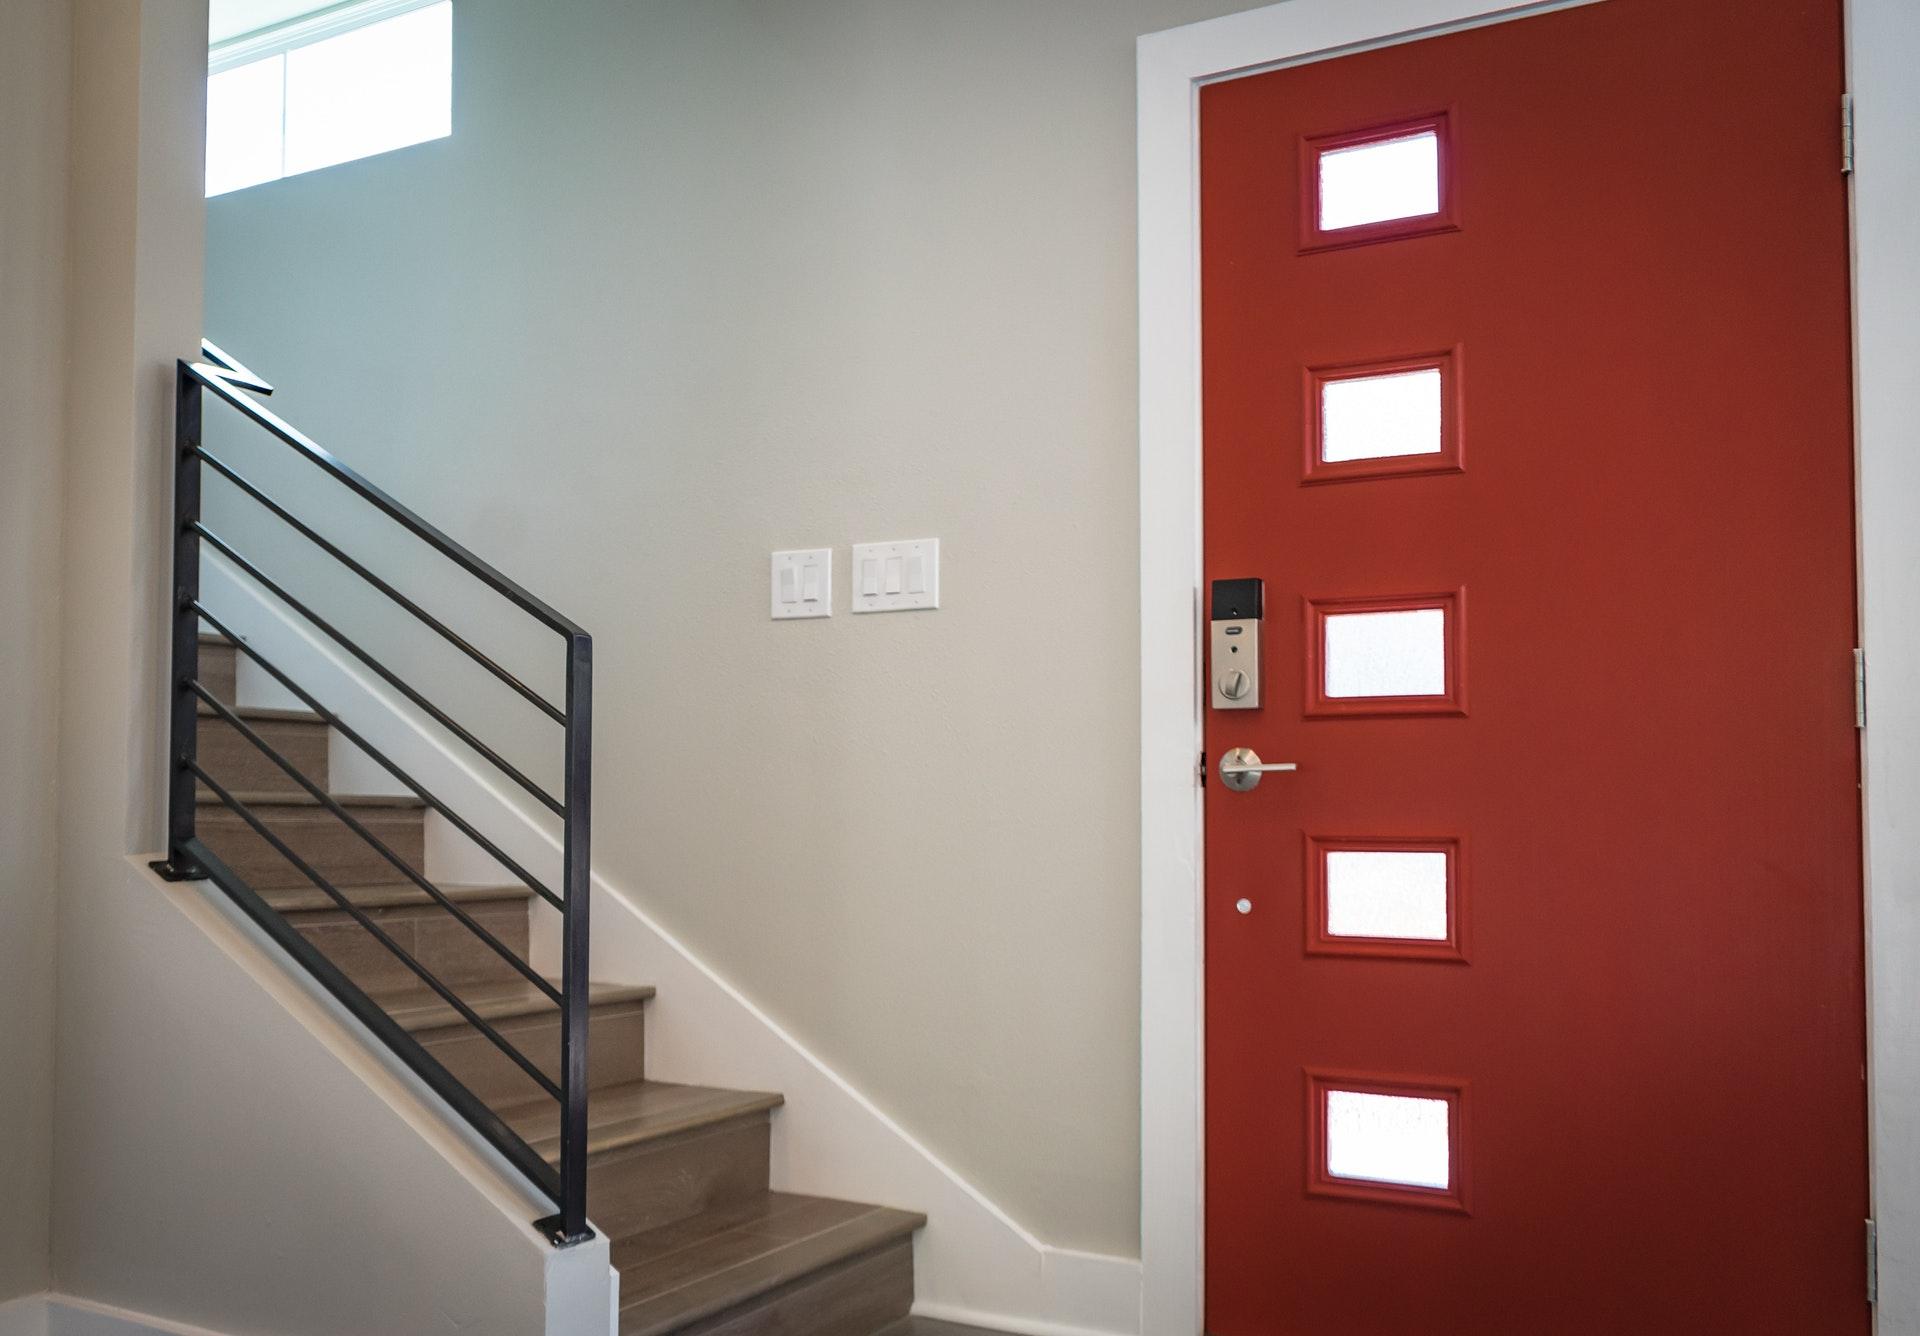 Montaggio Porta Filo Muro Cartongesso le porte filo muro, cosa sono e perché dobbiamo provarle